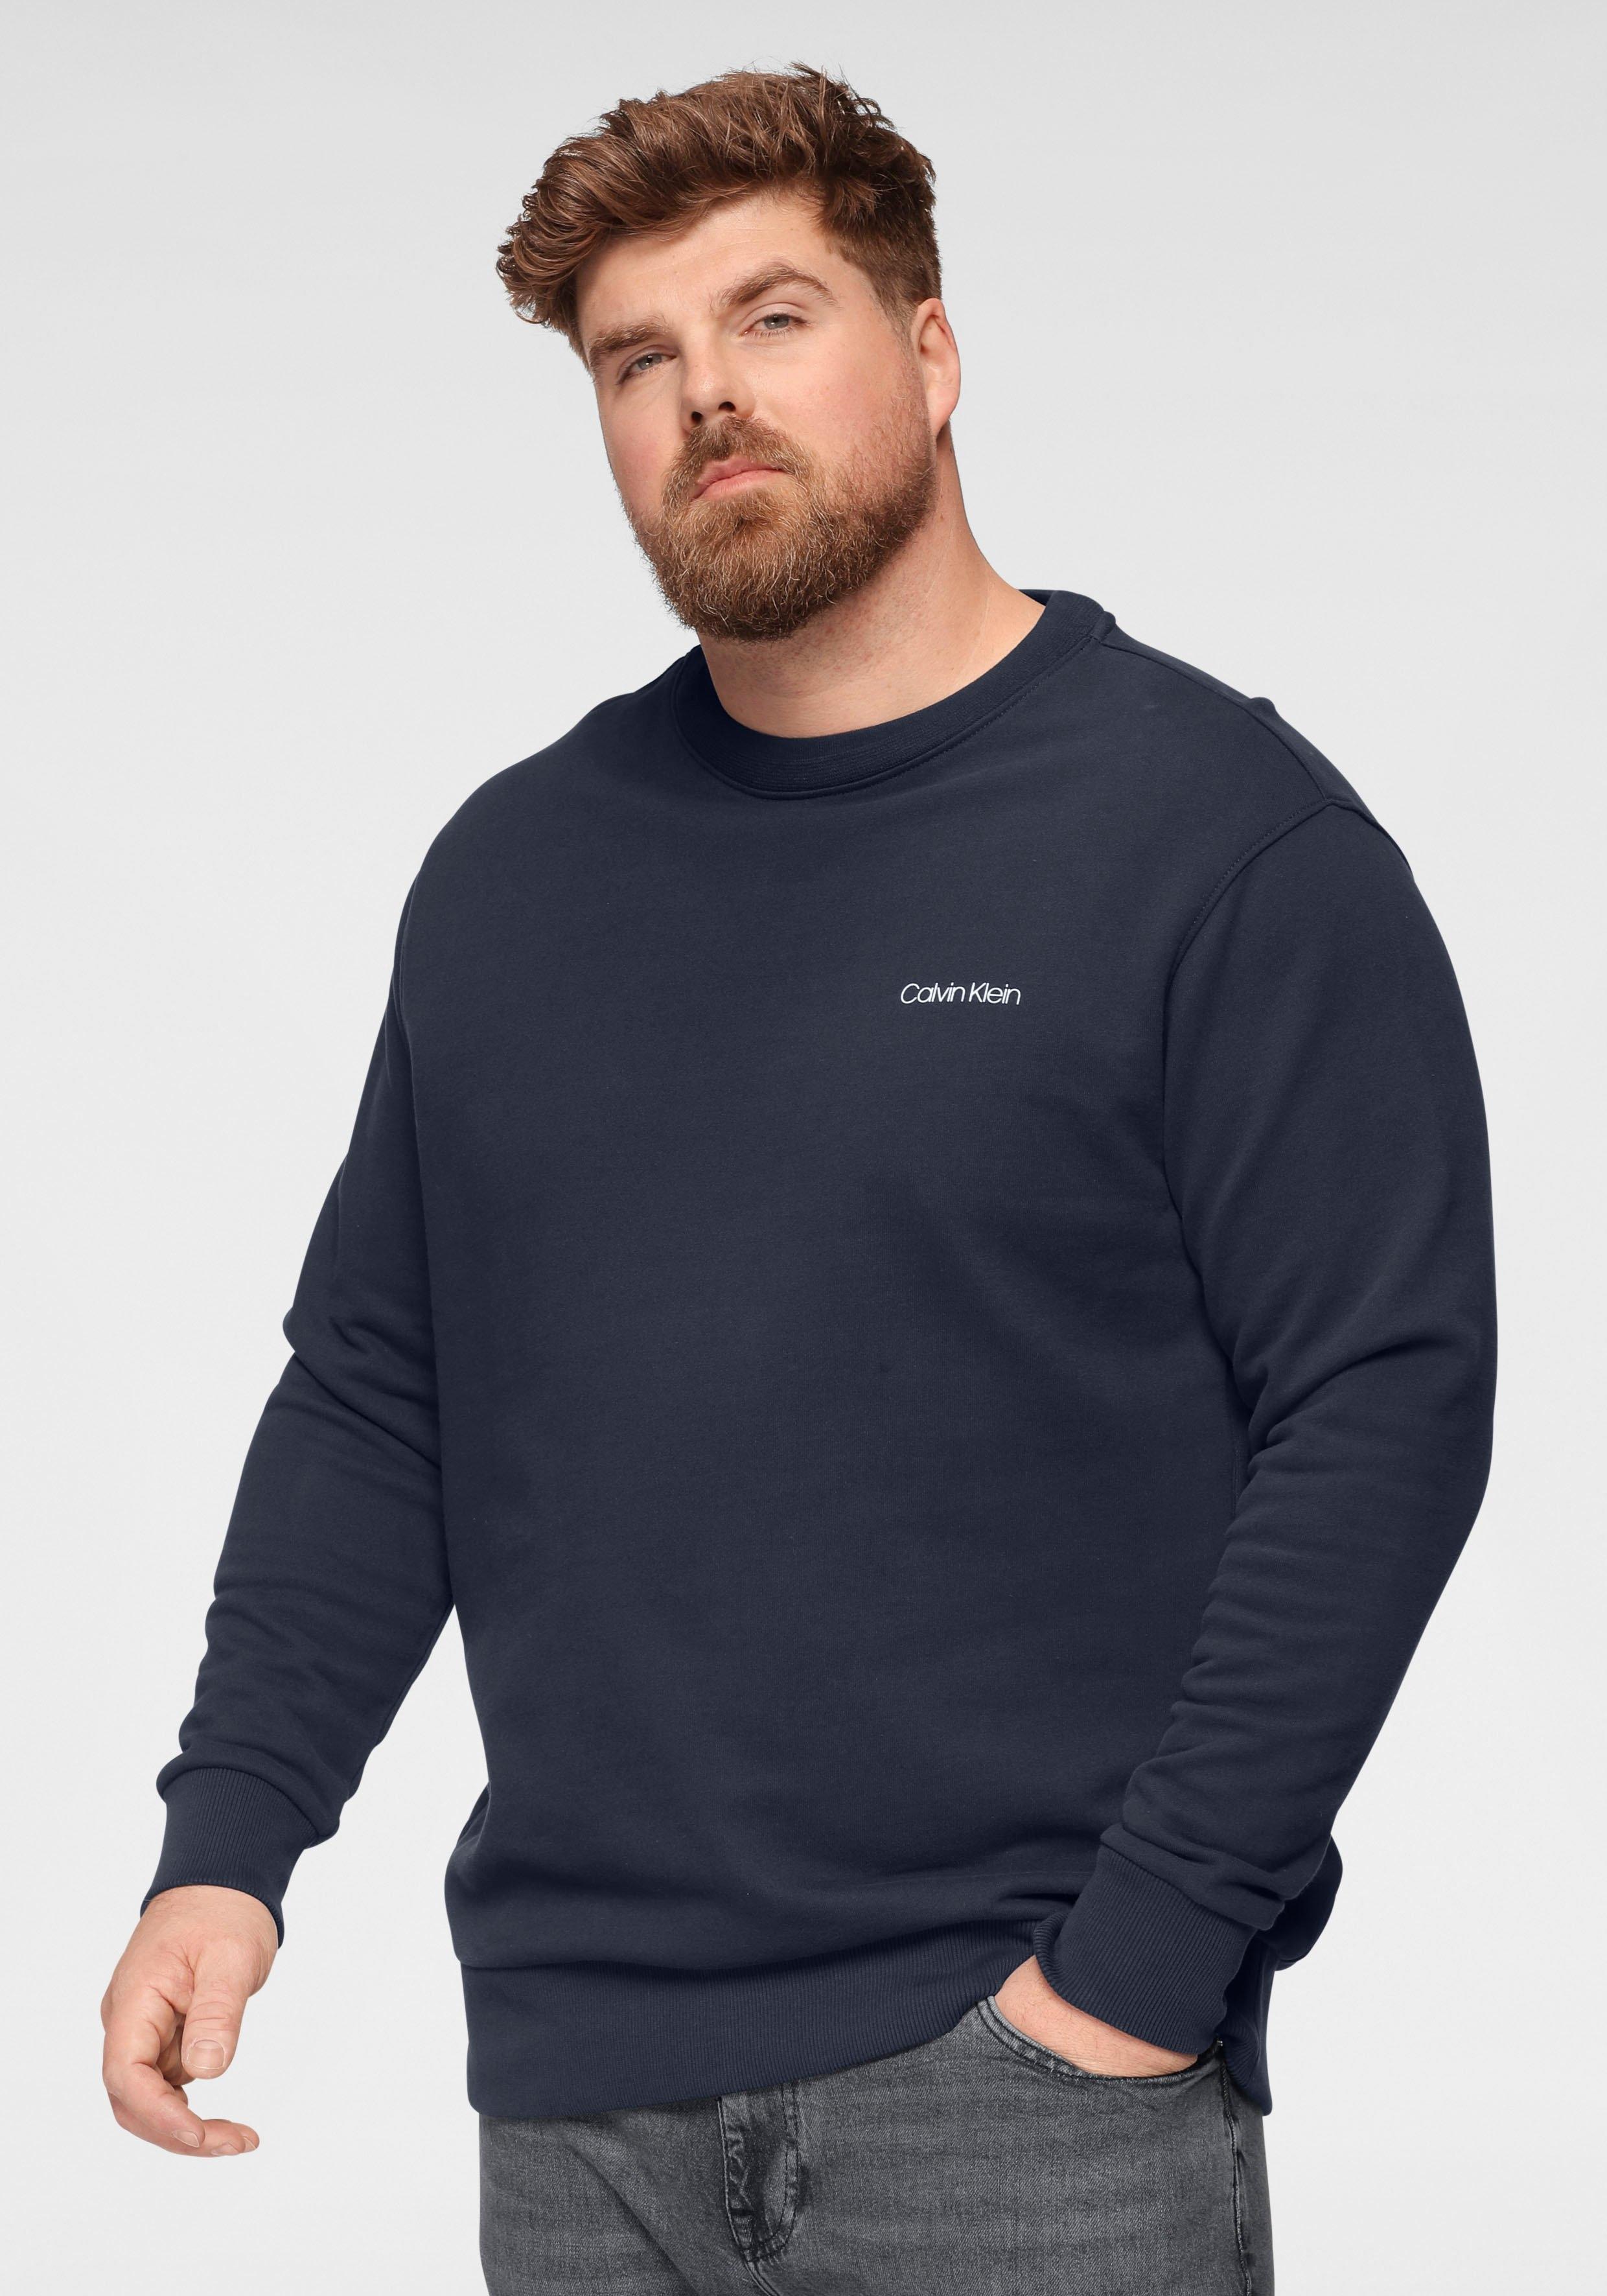 Calvin Klein sweatshirt veilig op otto.nl kopen